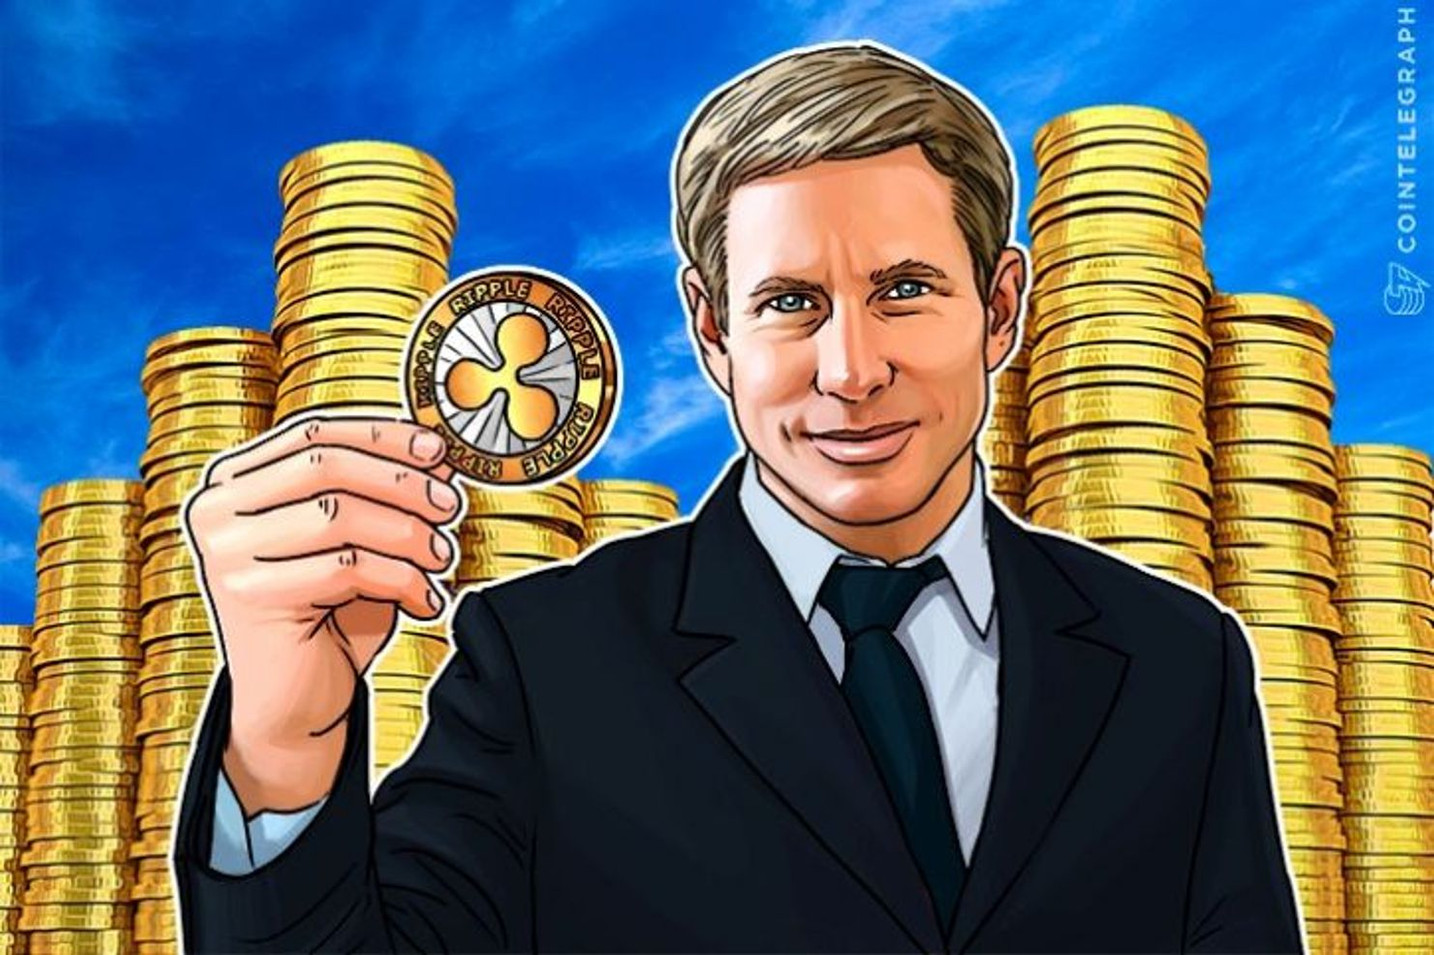 仮想通貨業界初 フォーブス米長者番付にリップル共同創業者